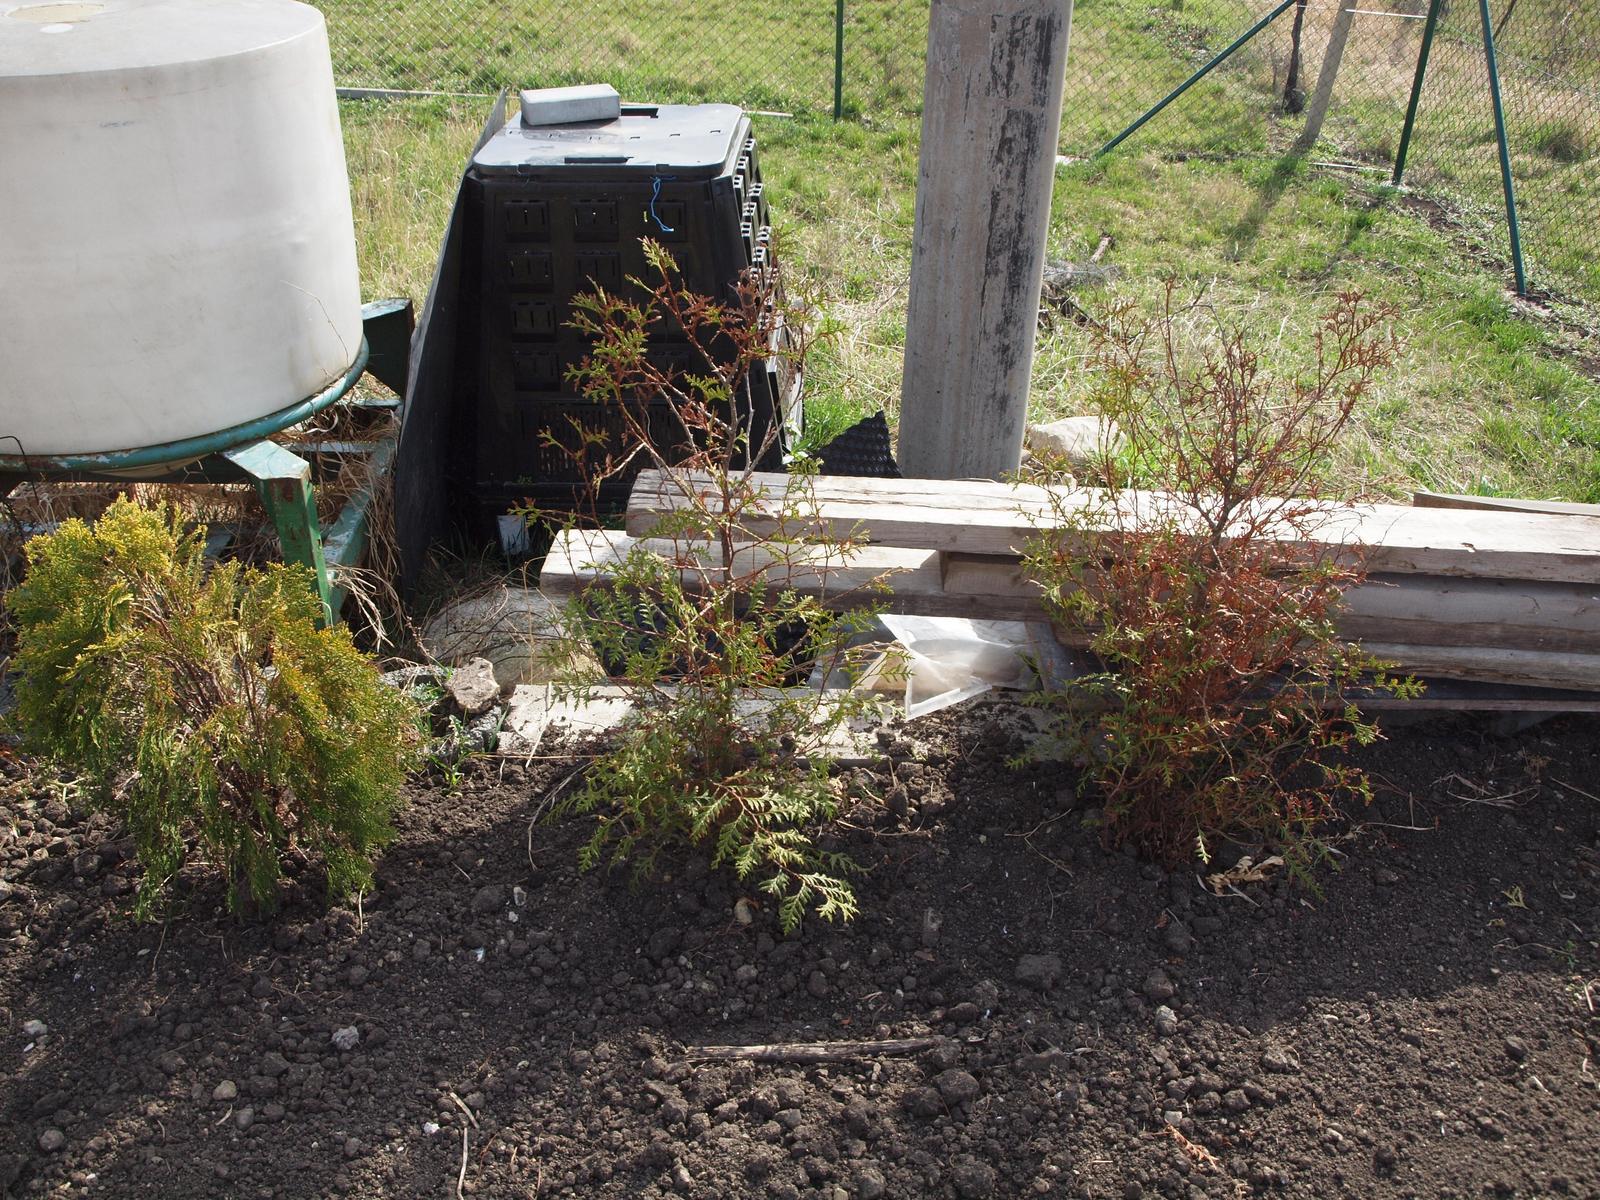 Zahrada - obraší nebo je mám vykopat?